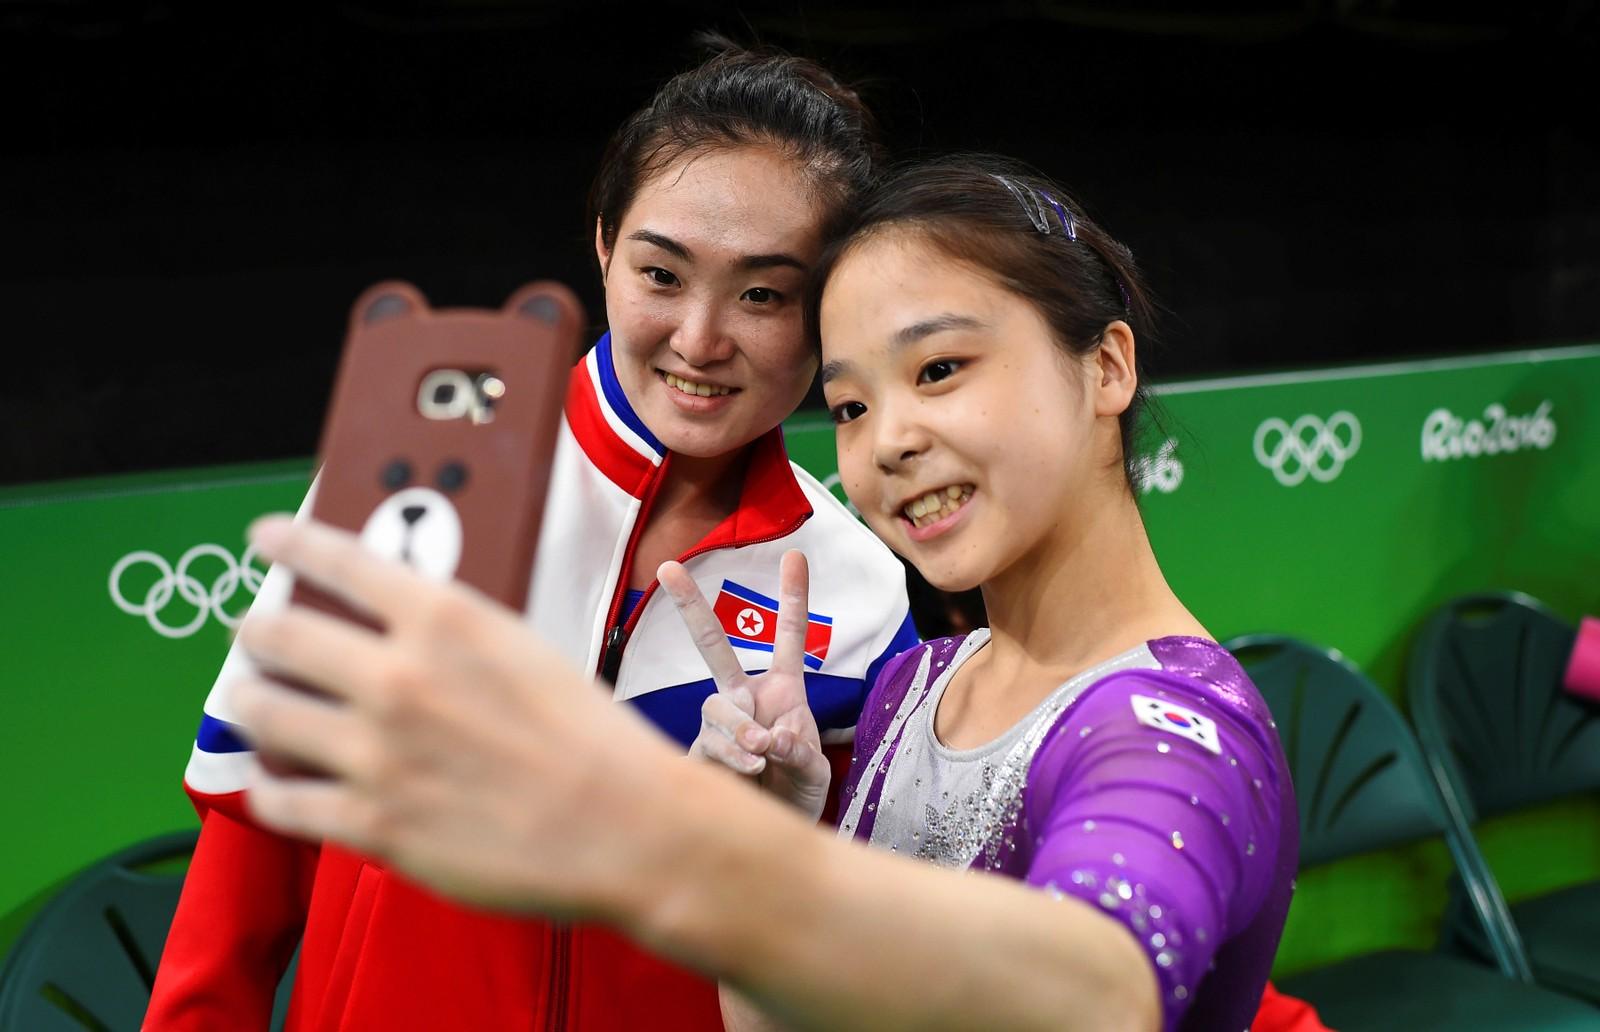 Gode turnervenner under OL i Rio i Brasil. Le Eun-Ju fra Sør-Korea tar en selfie sammen med Hong Un Jong fra Nord-Korea den 22. august.